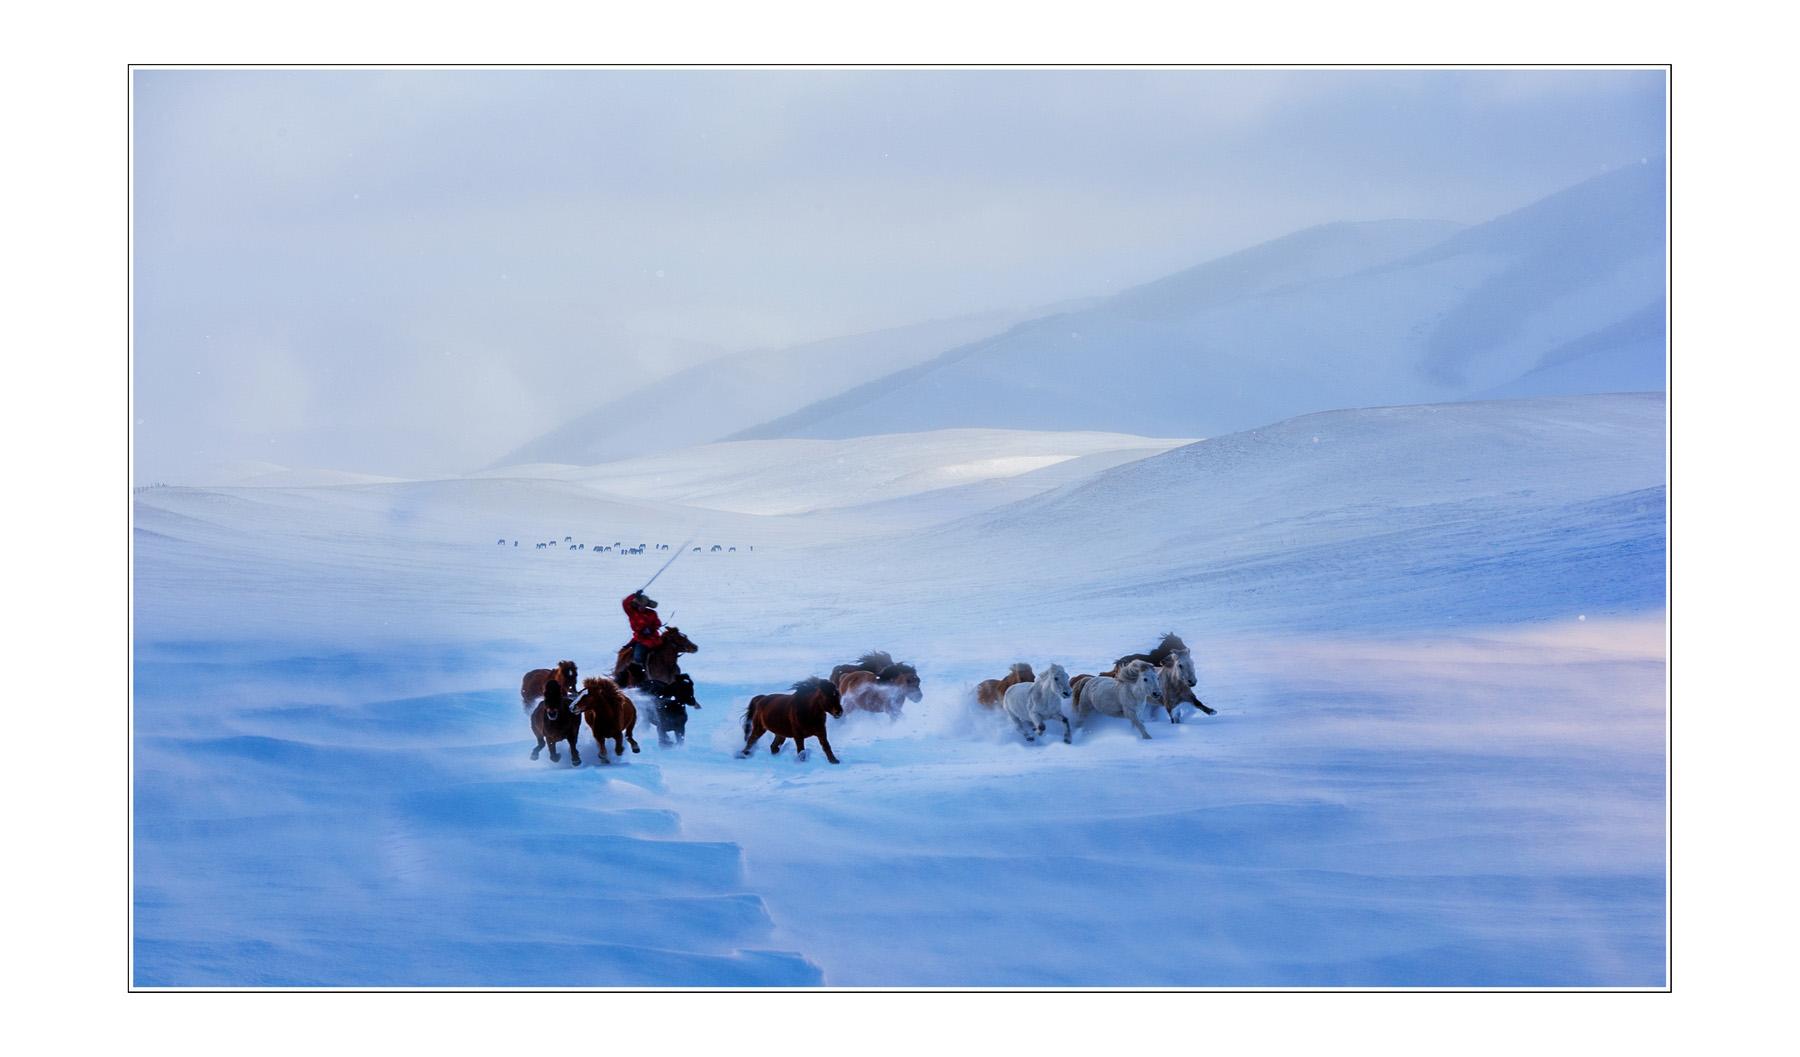 山海原野作品:驰骋雪野